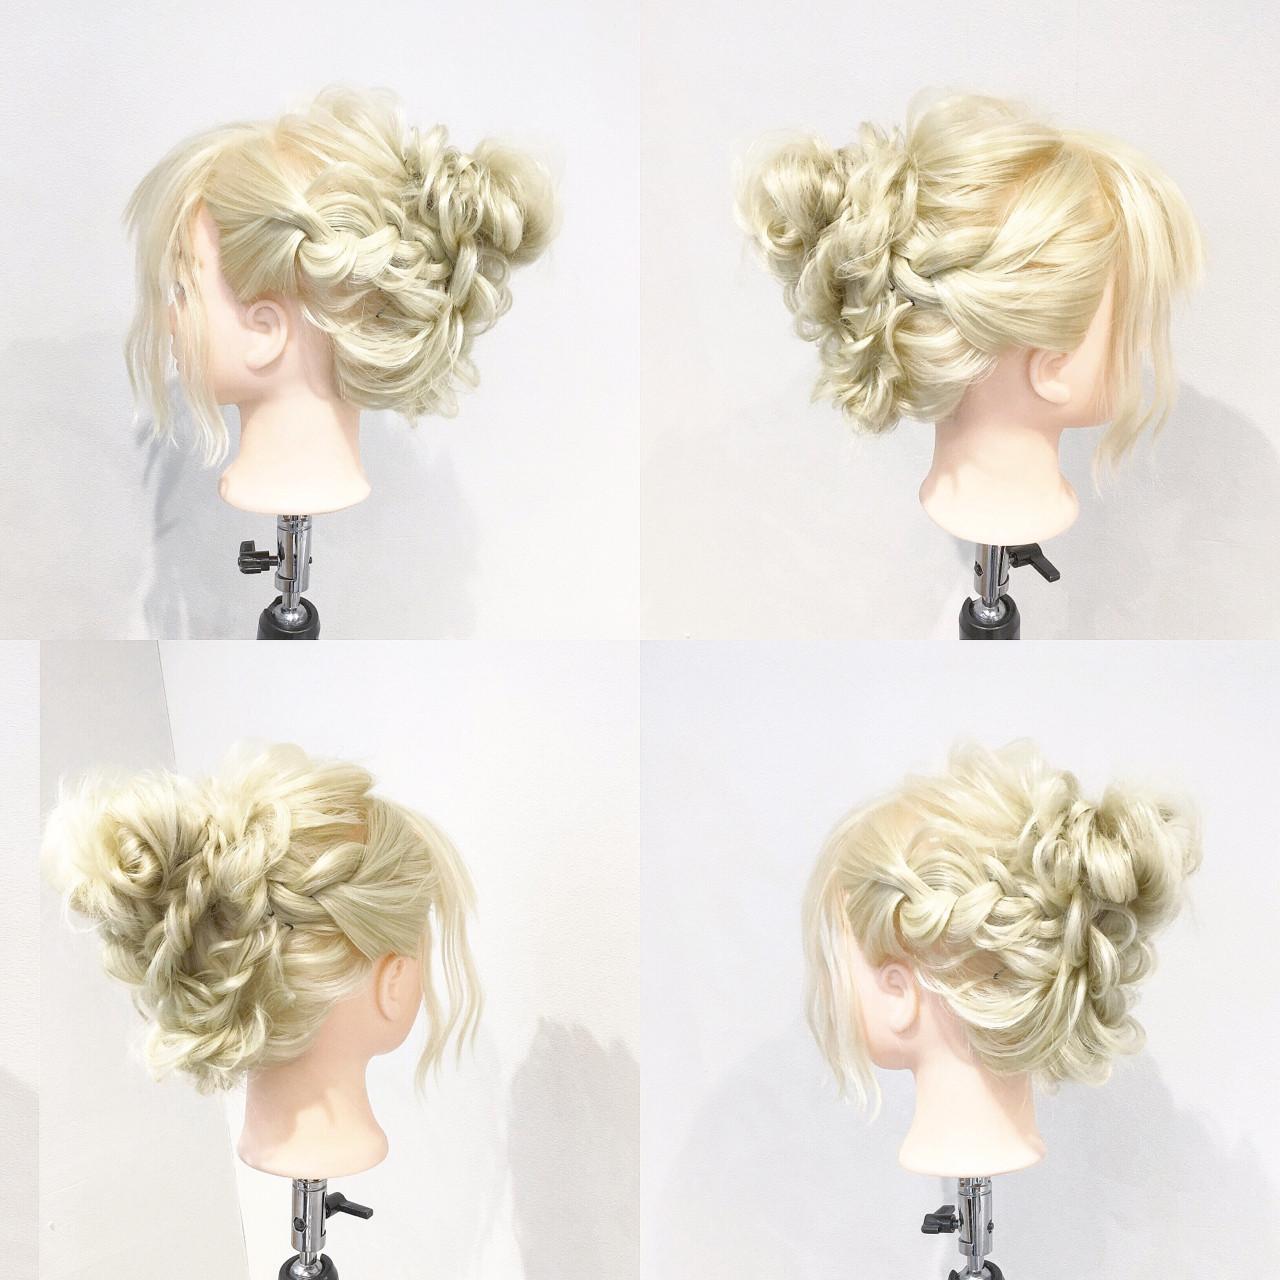 ショート 簡単ヘアアレンジ フェミニン ゆるふわ ヘアスタイルや髪型の写真・画像 | 美容師HIRO/Amoute代表 / Amoute/アムティ